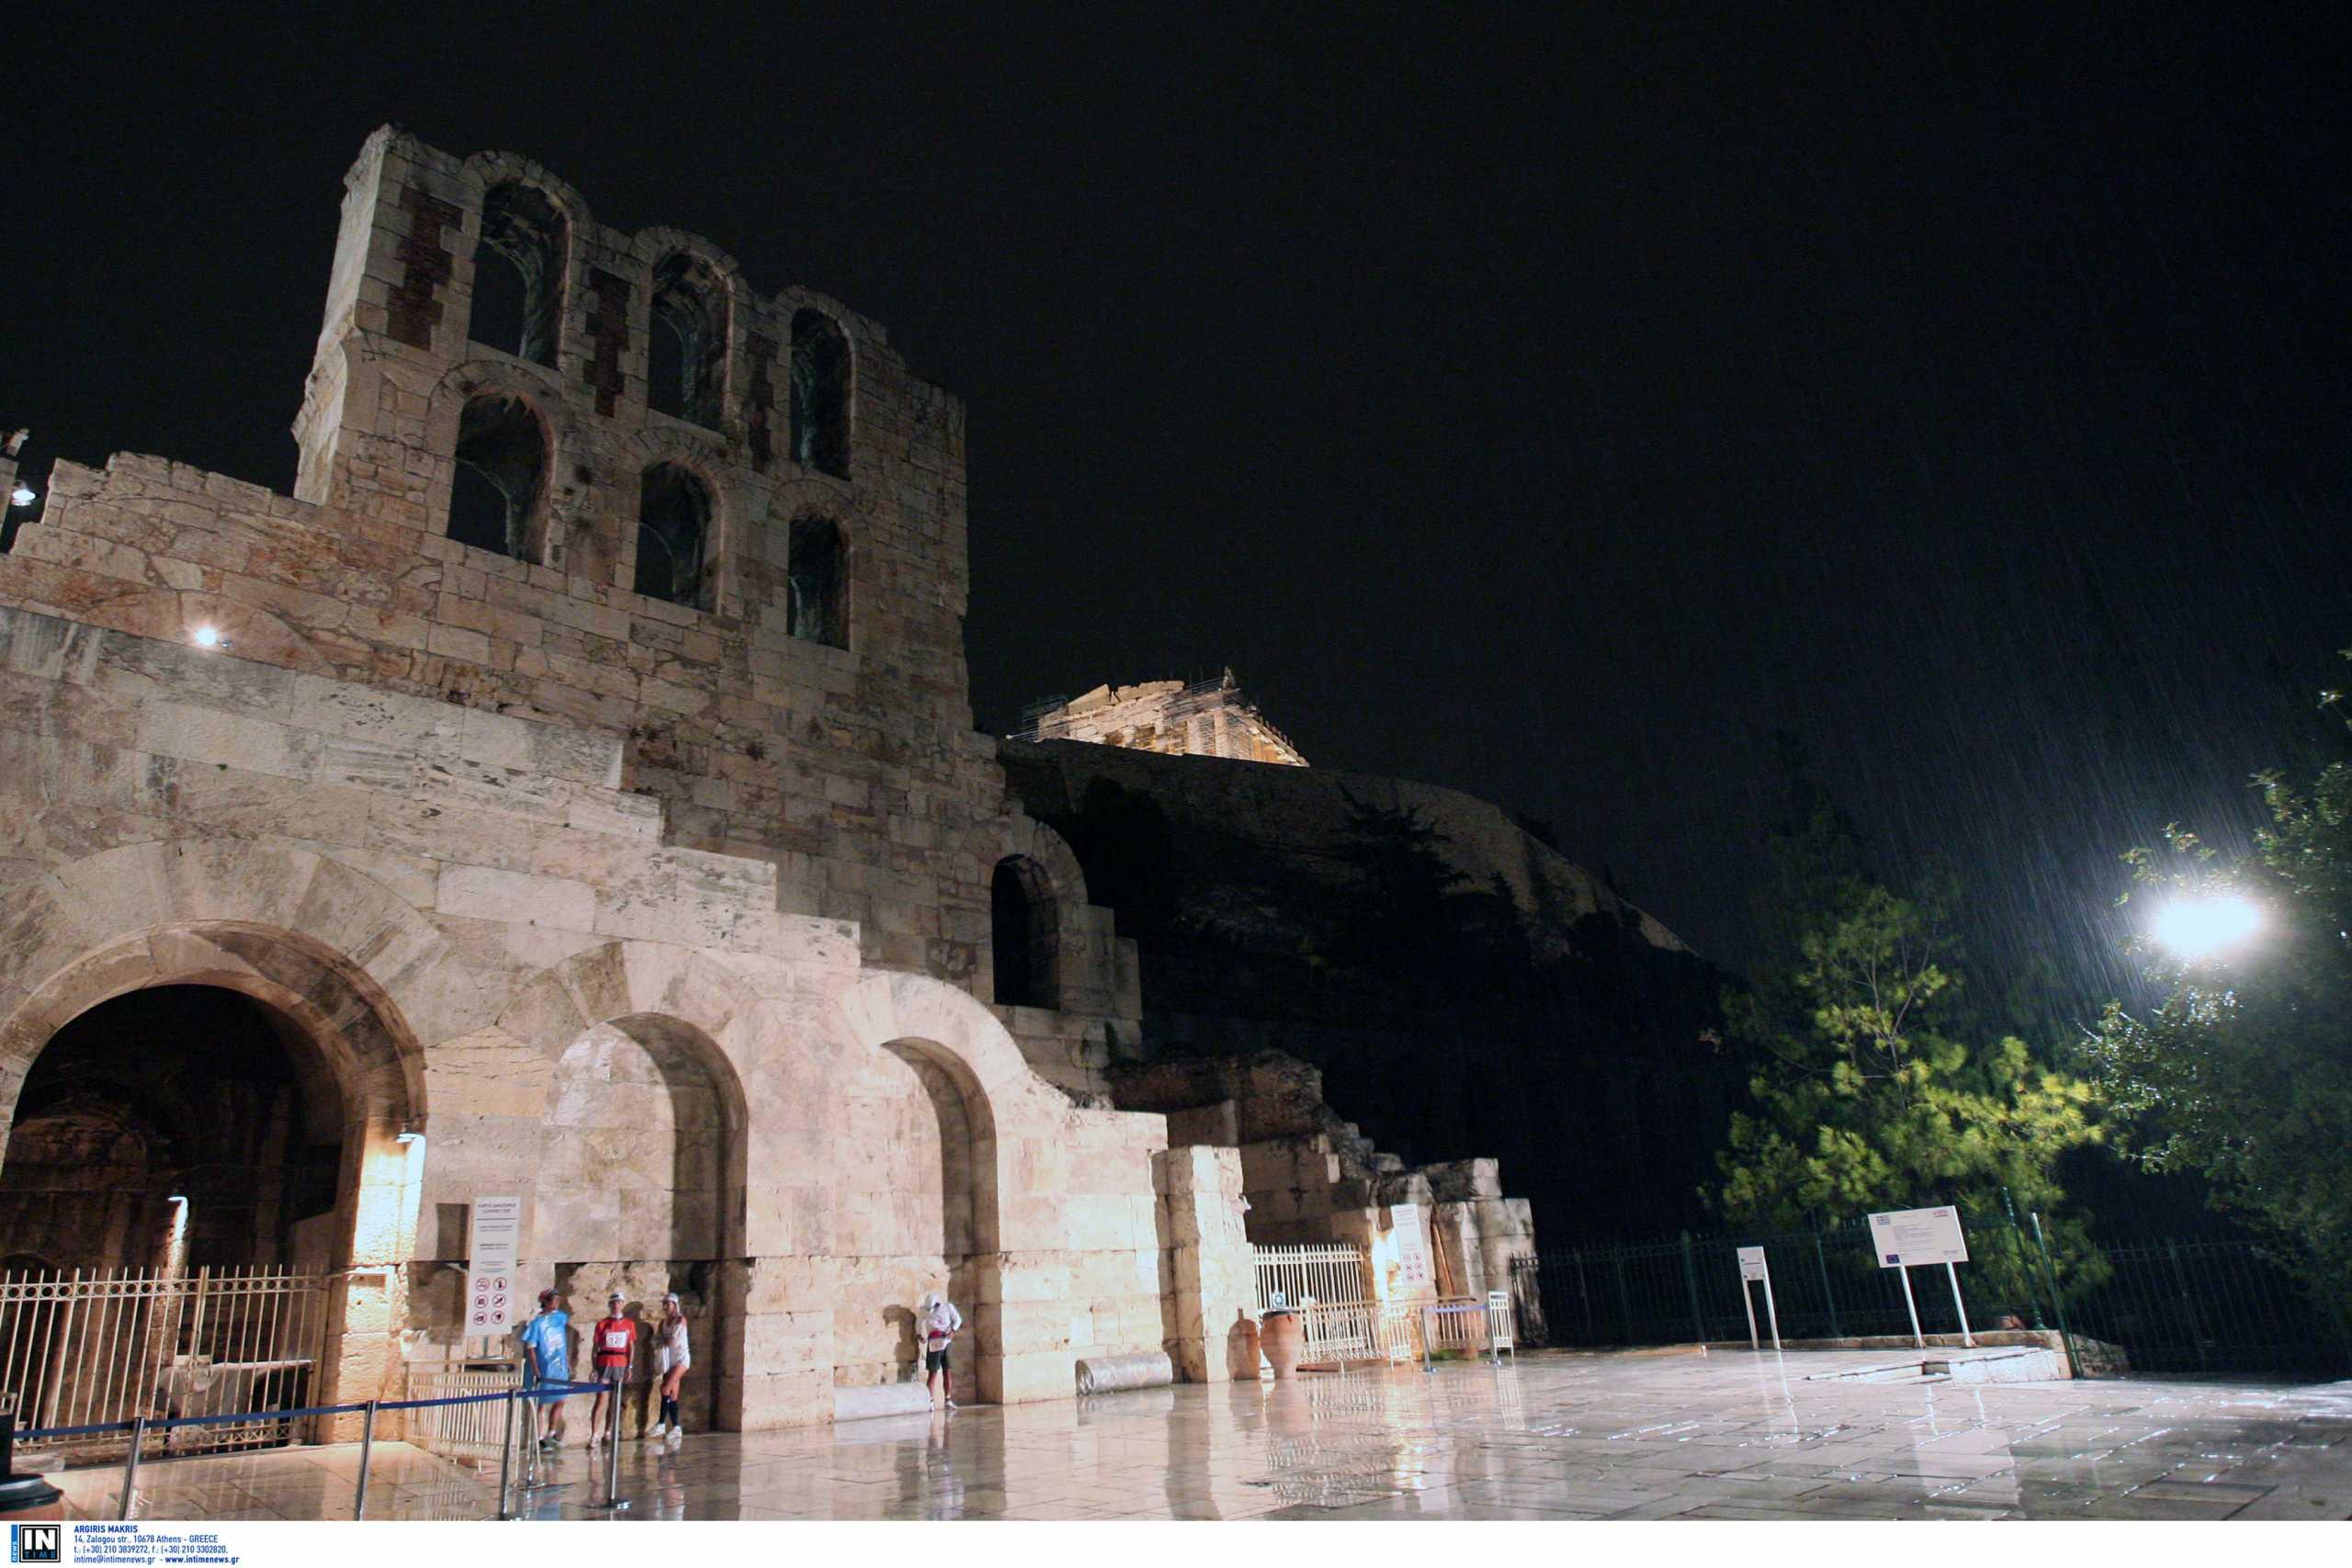 Η δίκη του Θ. Κολοκοτρώνη αναβιώνει αύριο στο Ηρώδειο με πρωταγωνιστές νομικούς